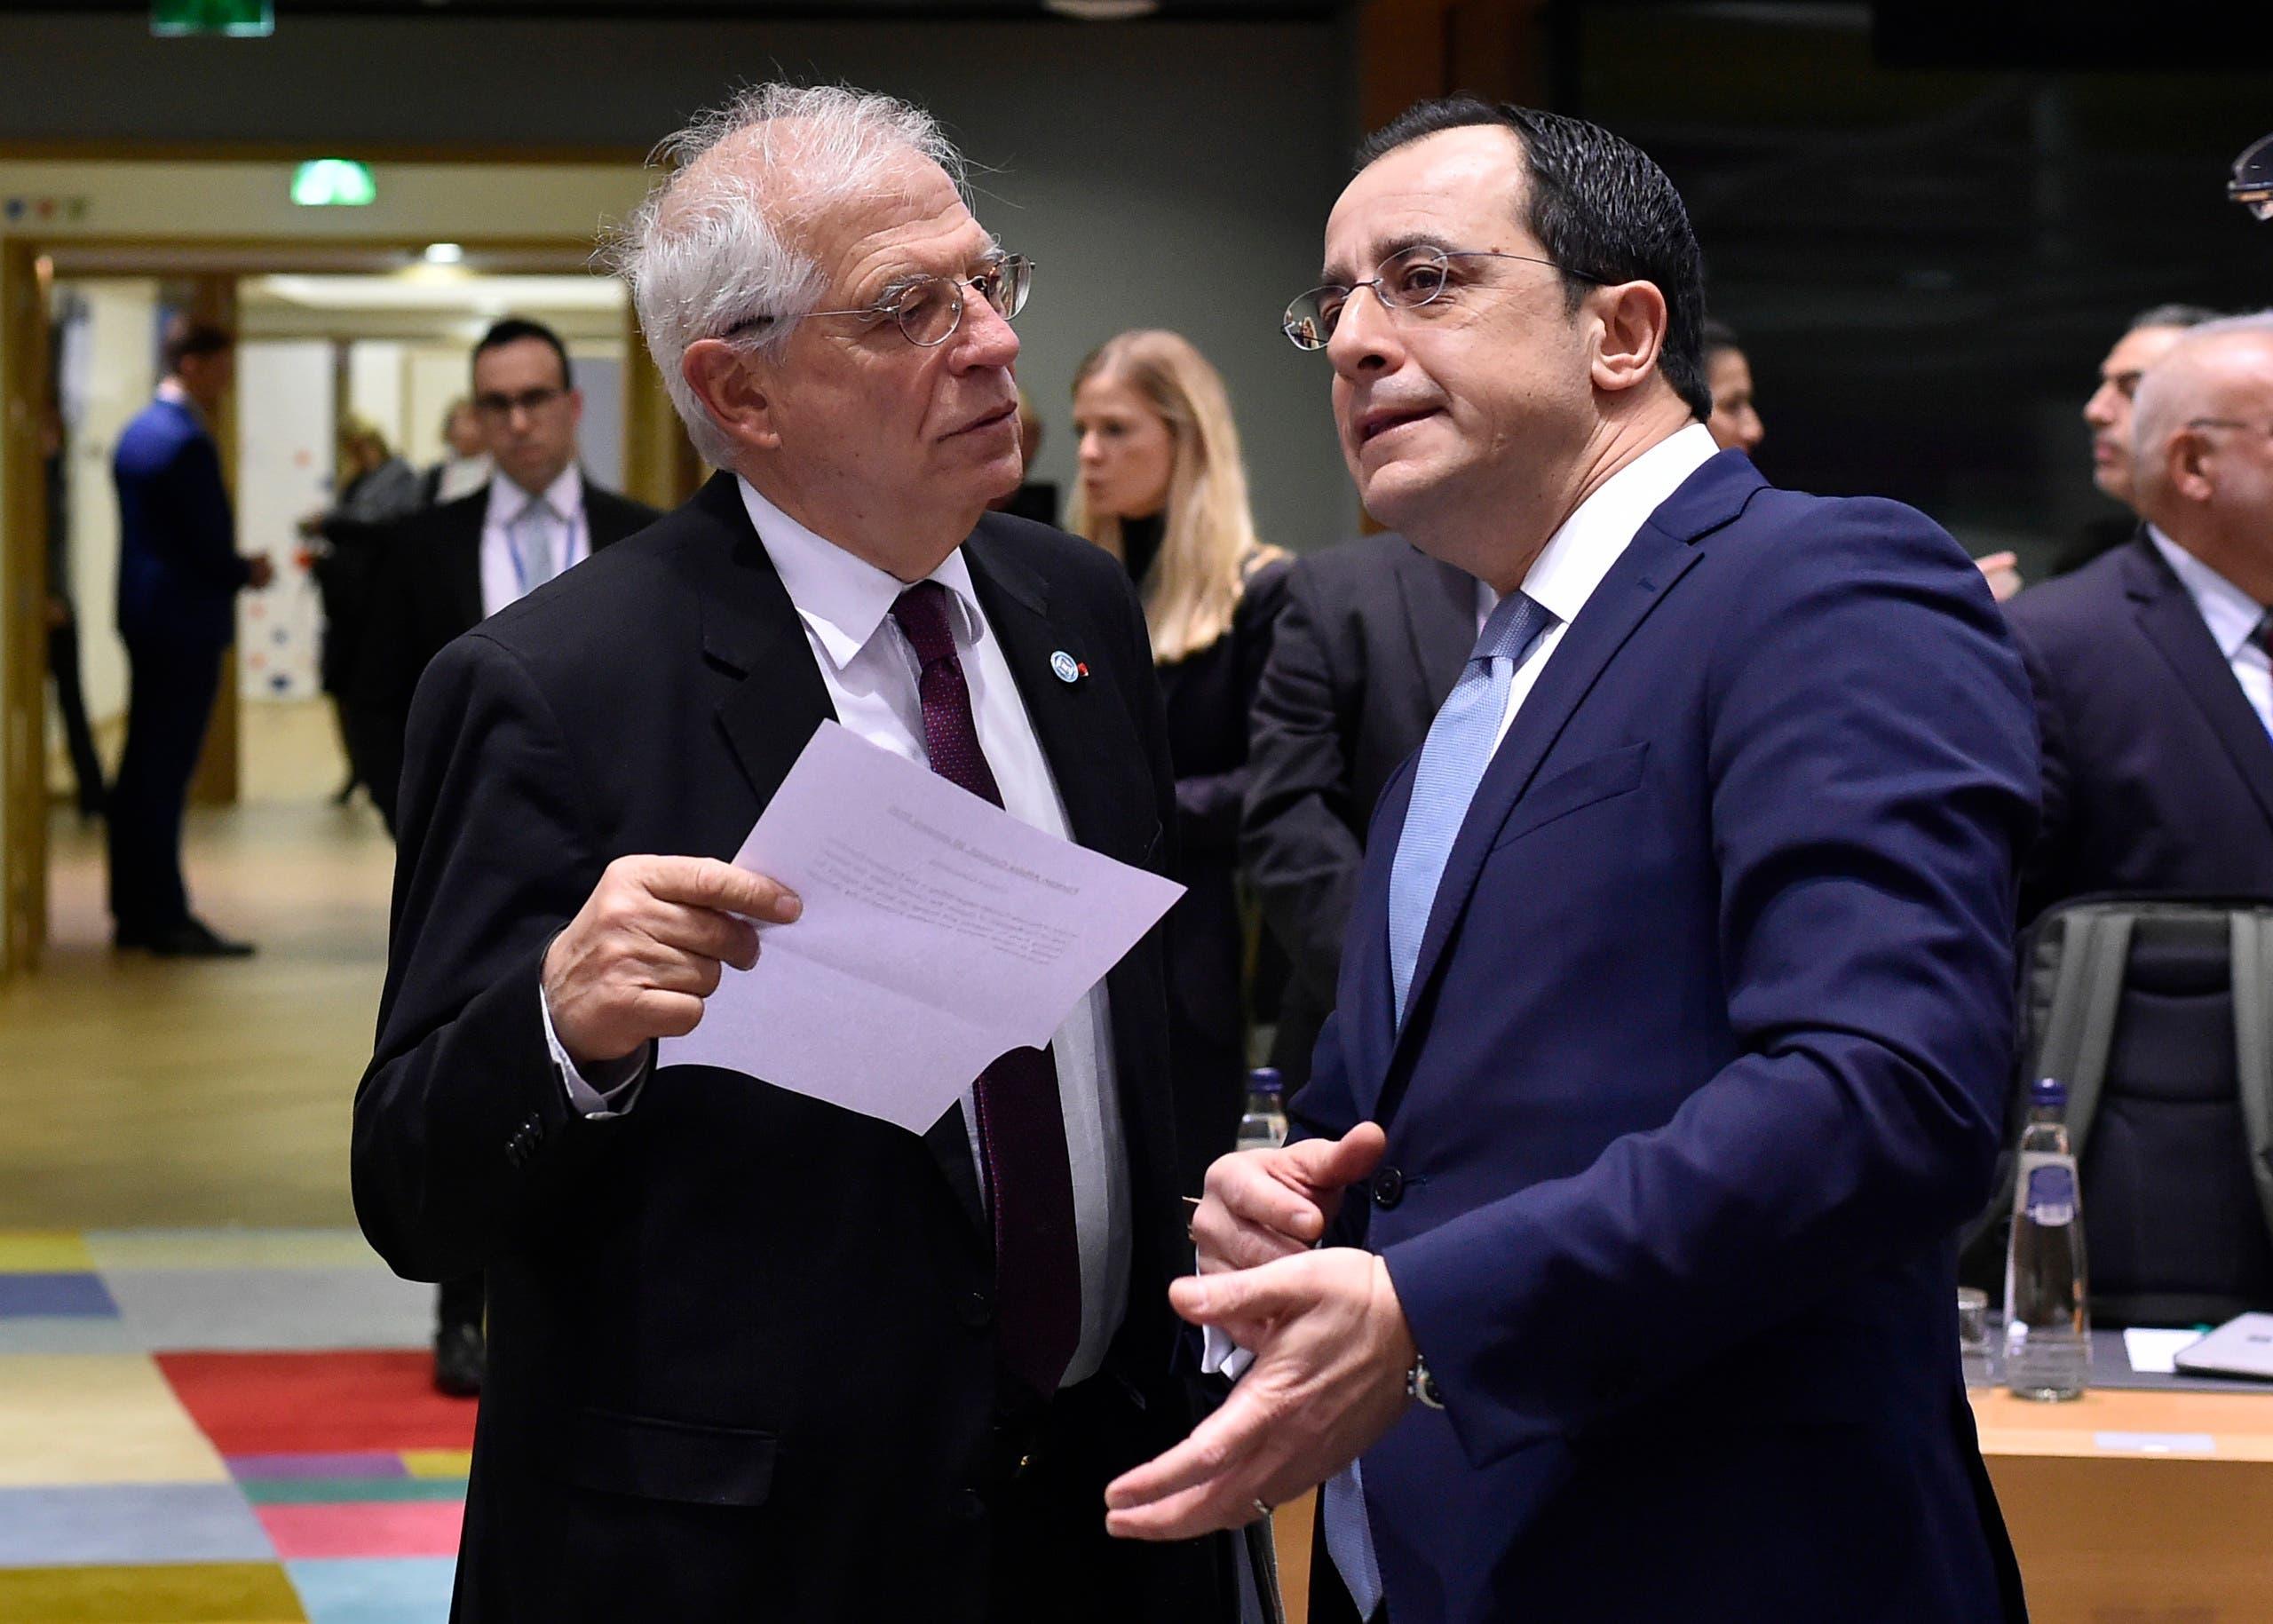 وزير الخارجية القبرصي نيكوس خريستودوليديس مع مفوض العلاقات الخارجية بالاتحاد الأوروبي جوريف بوريل